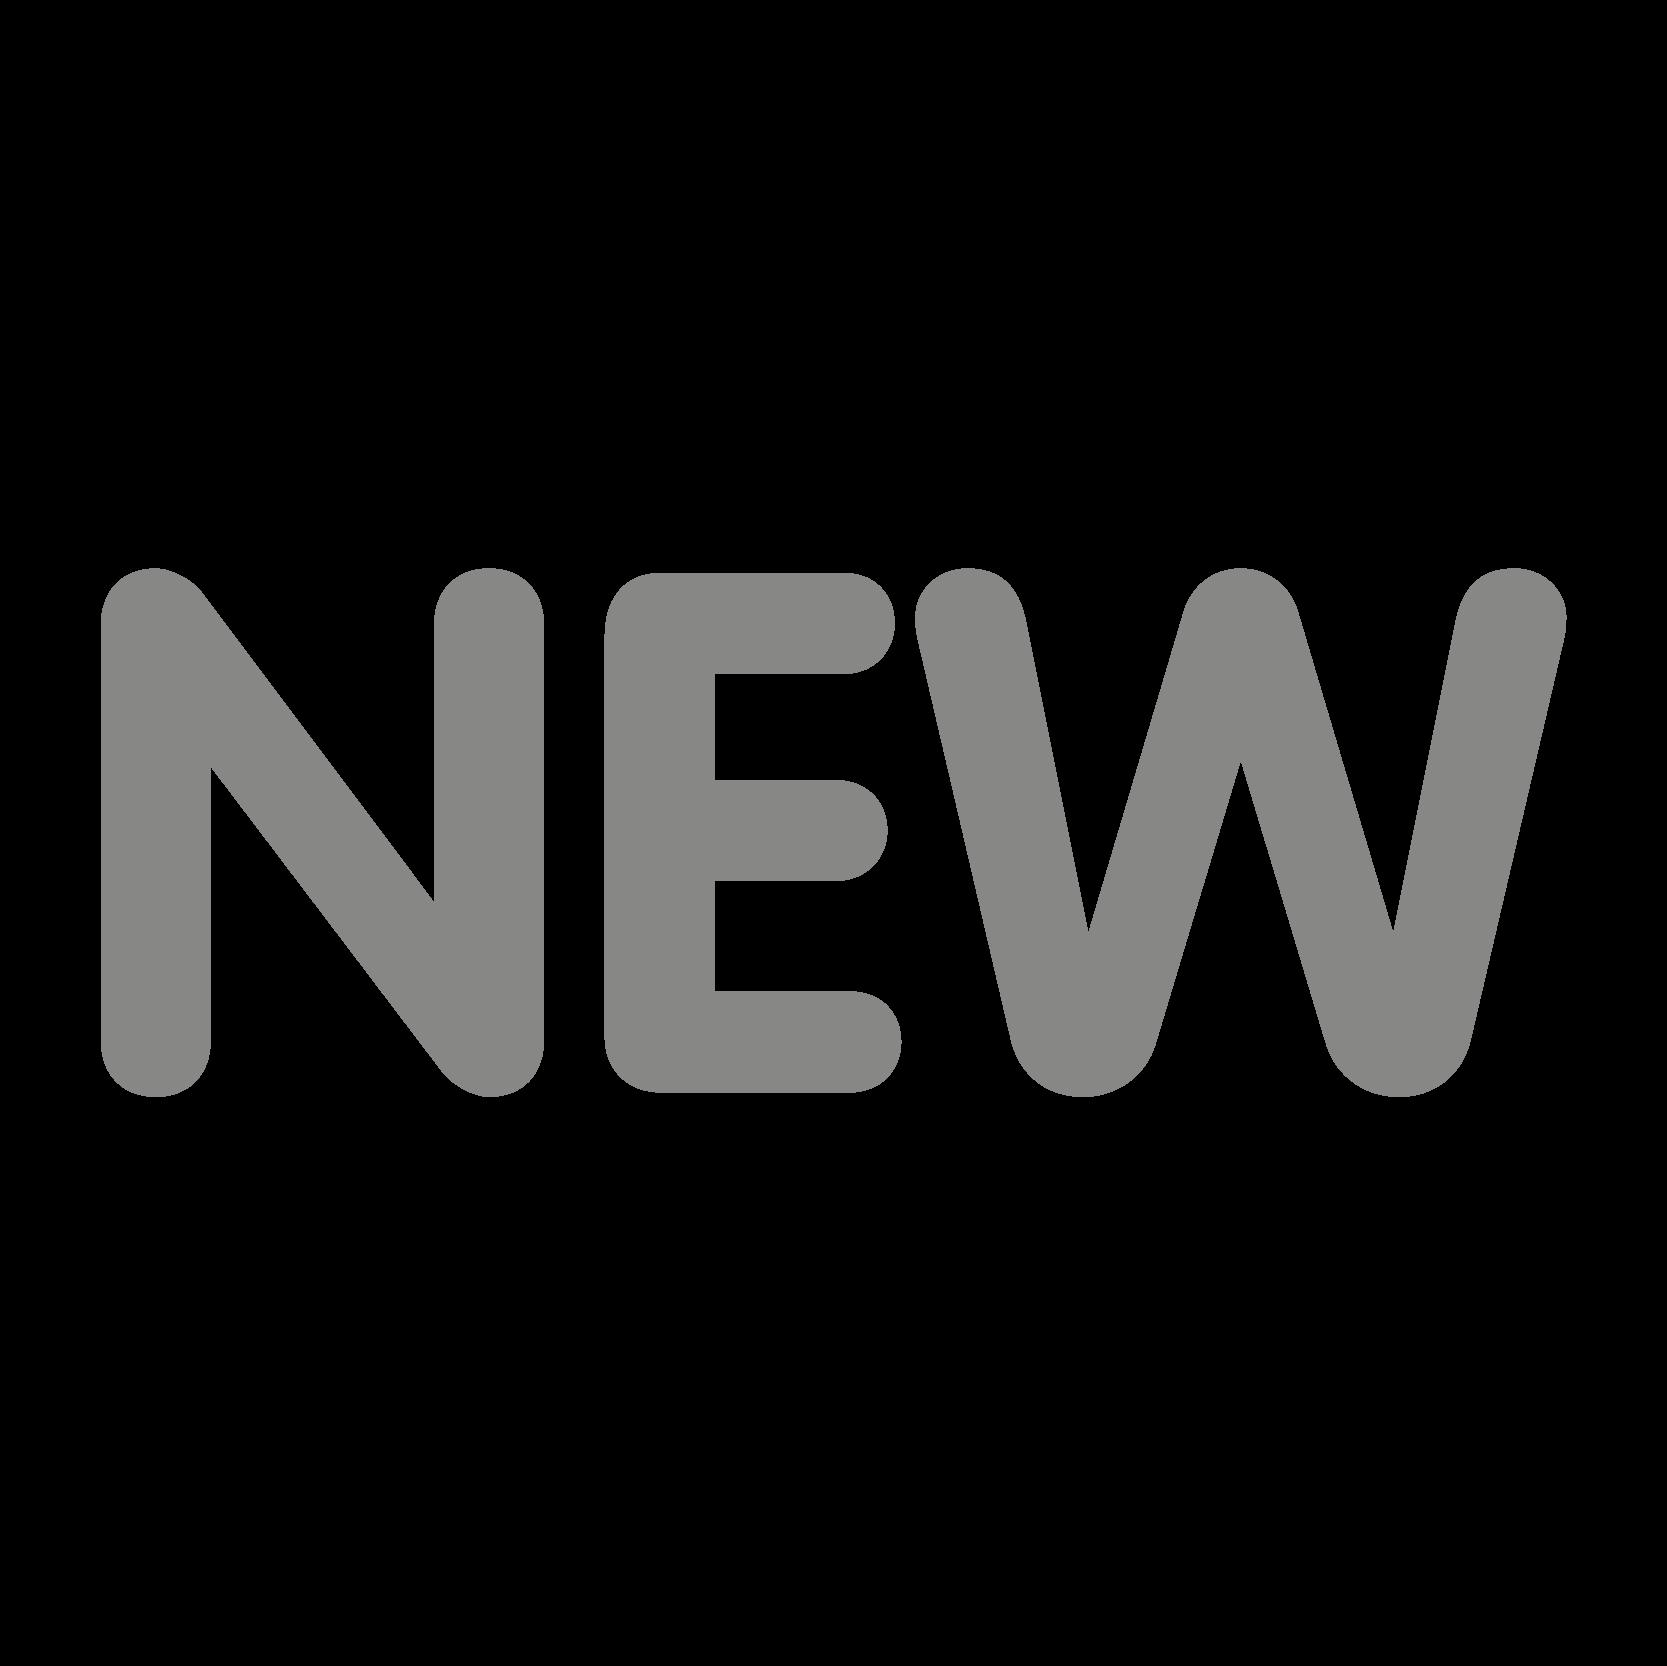 iconModel_13